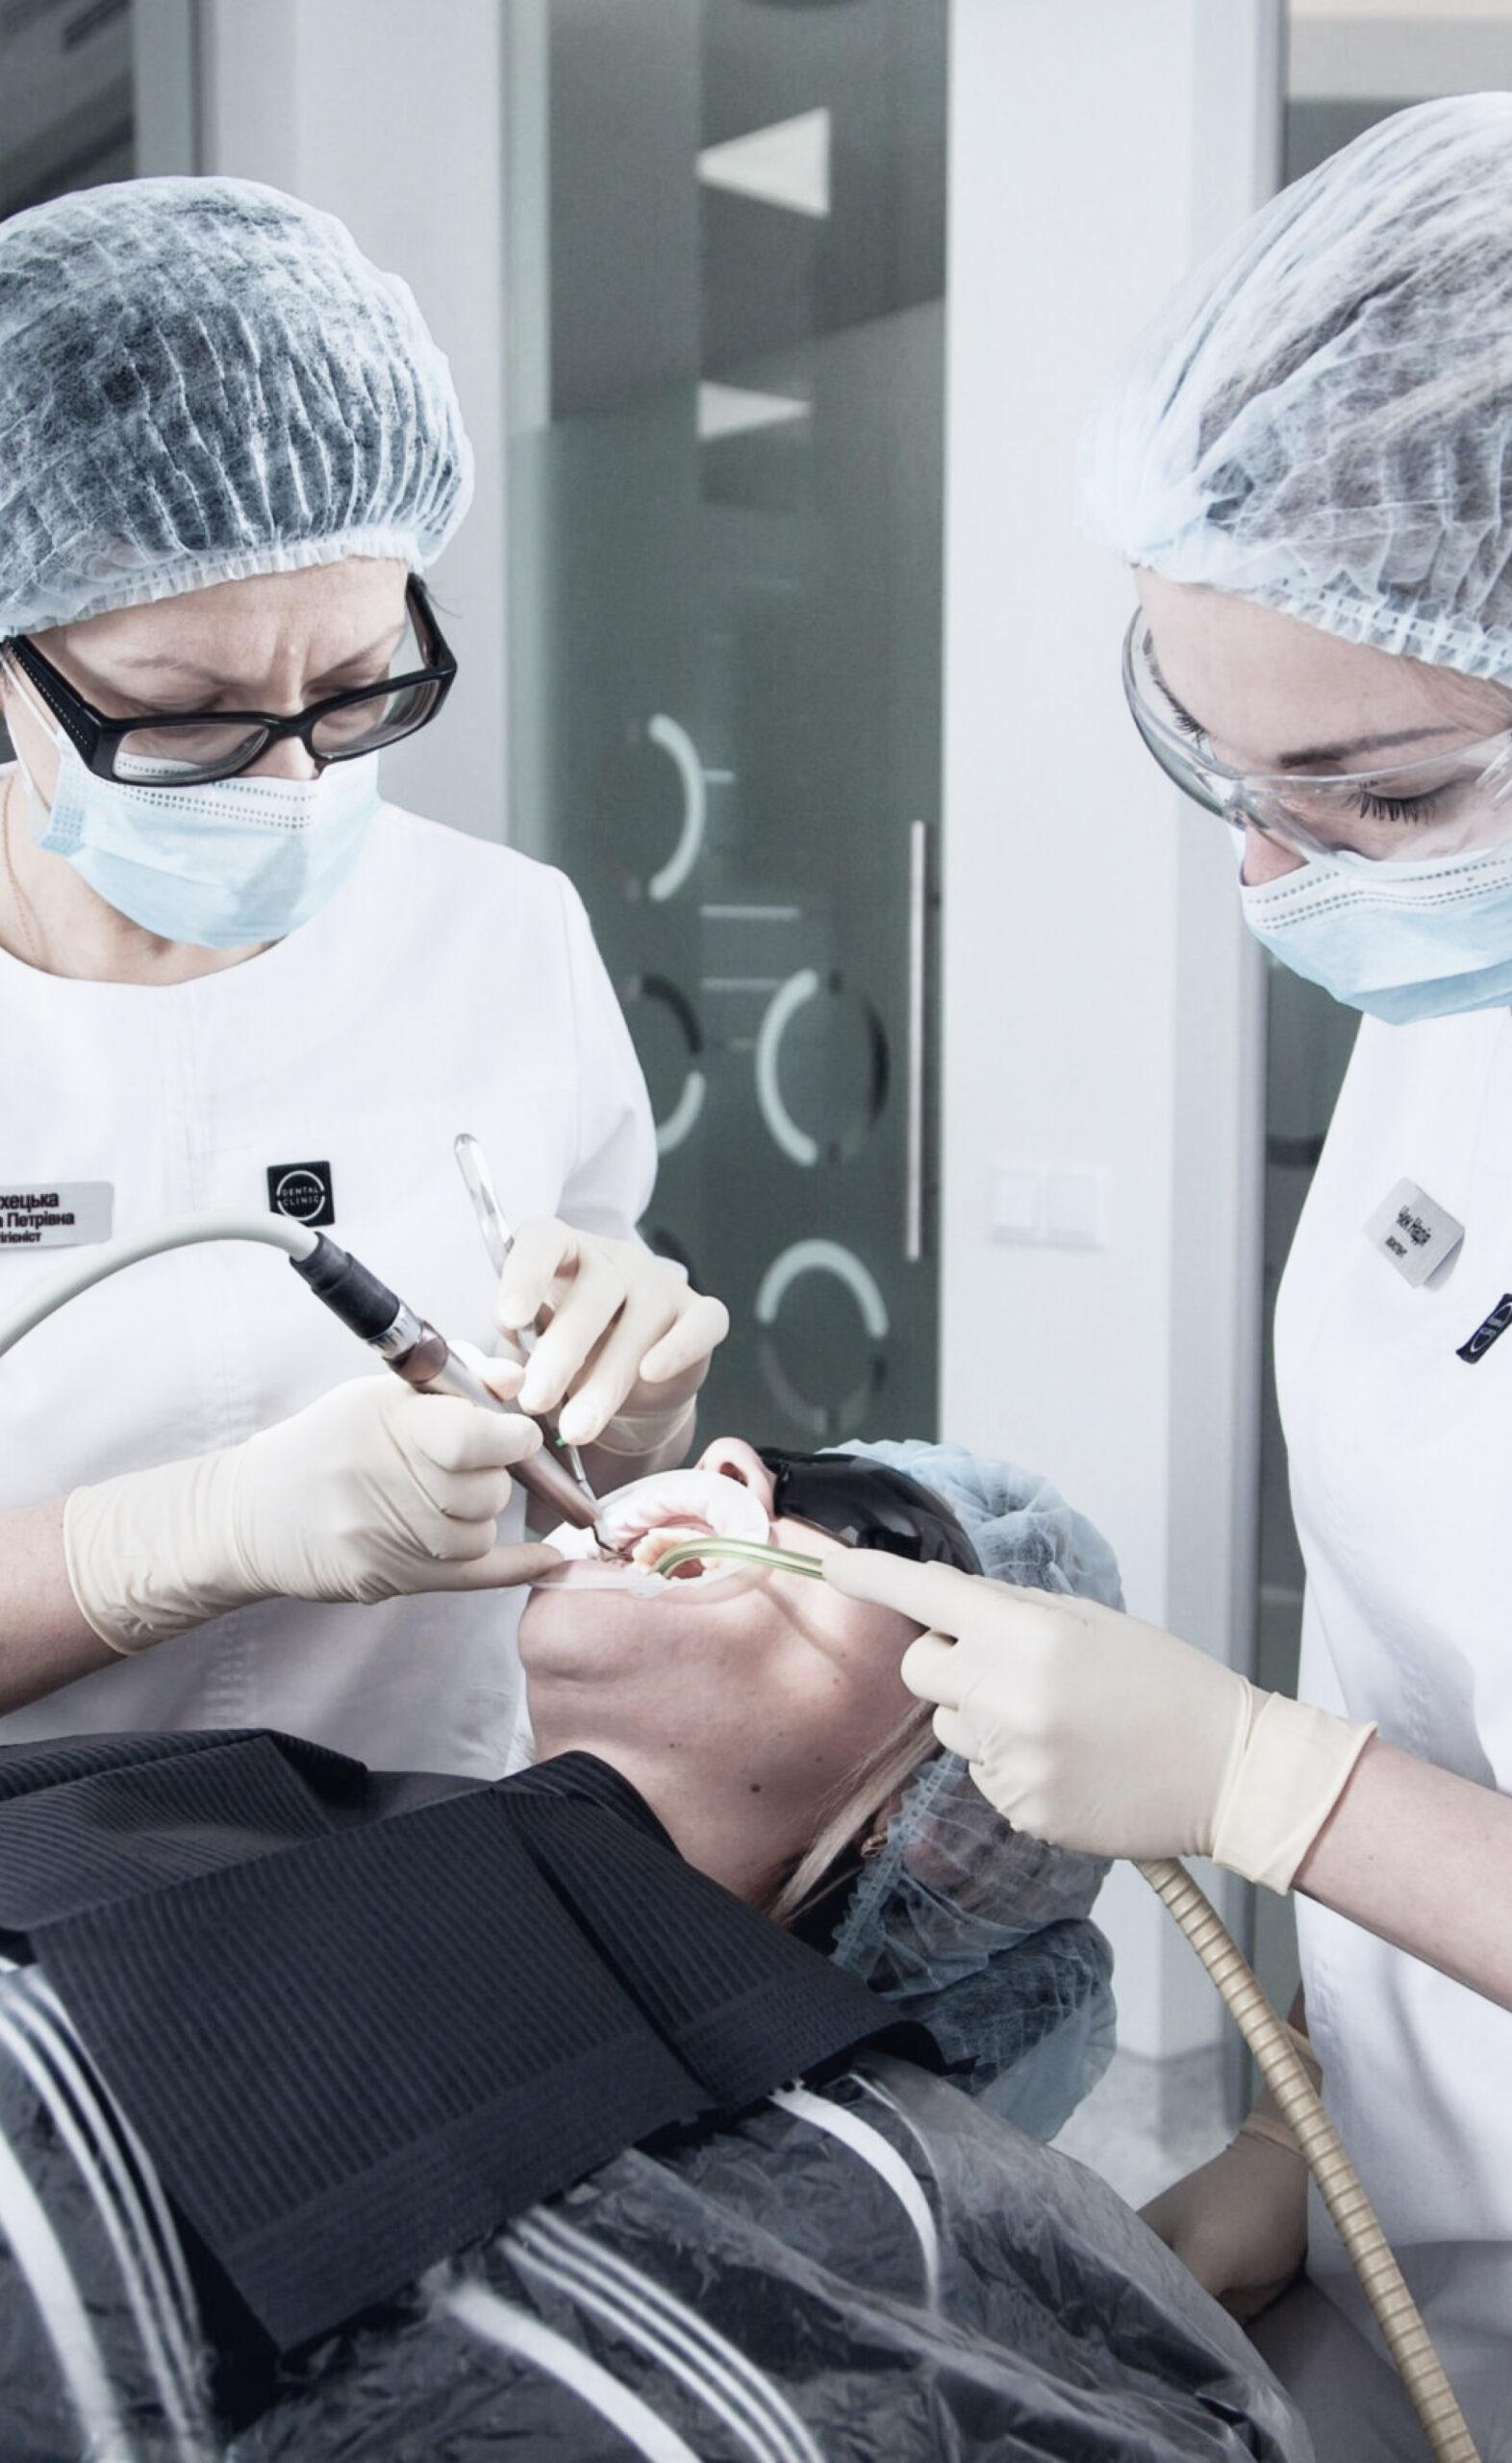 Комплексна гігієна порожнини рота (вдвавізити)